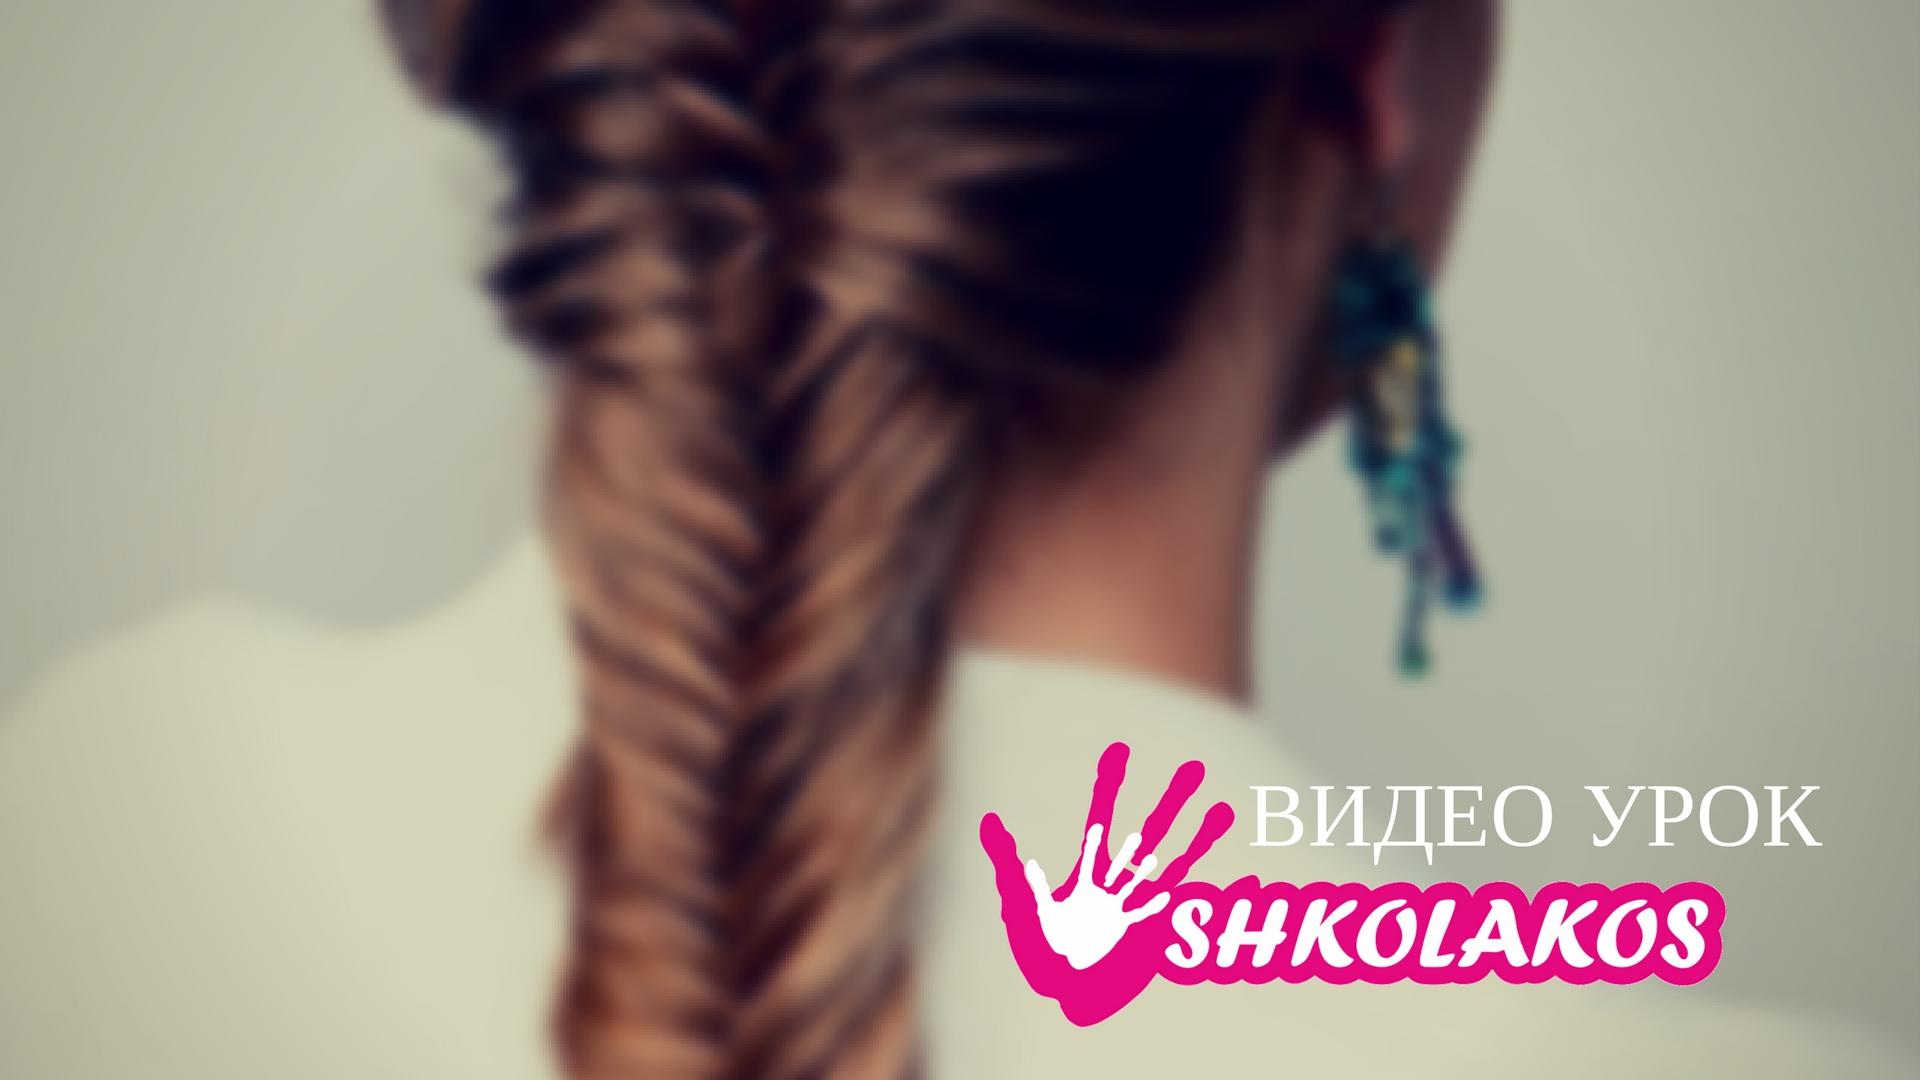 Видео урок - Легкая прическа для девочек в школу. Рыбий хвост